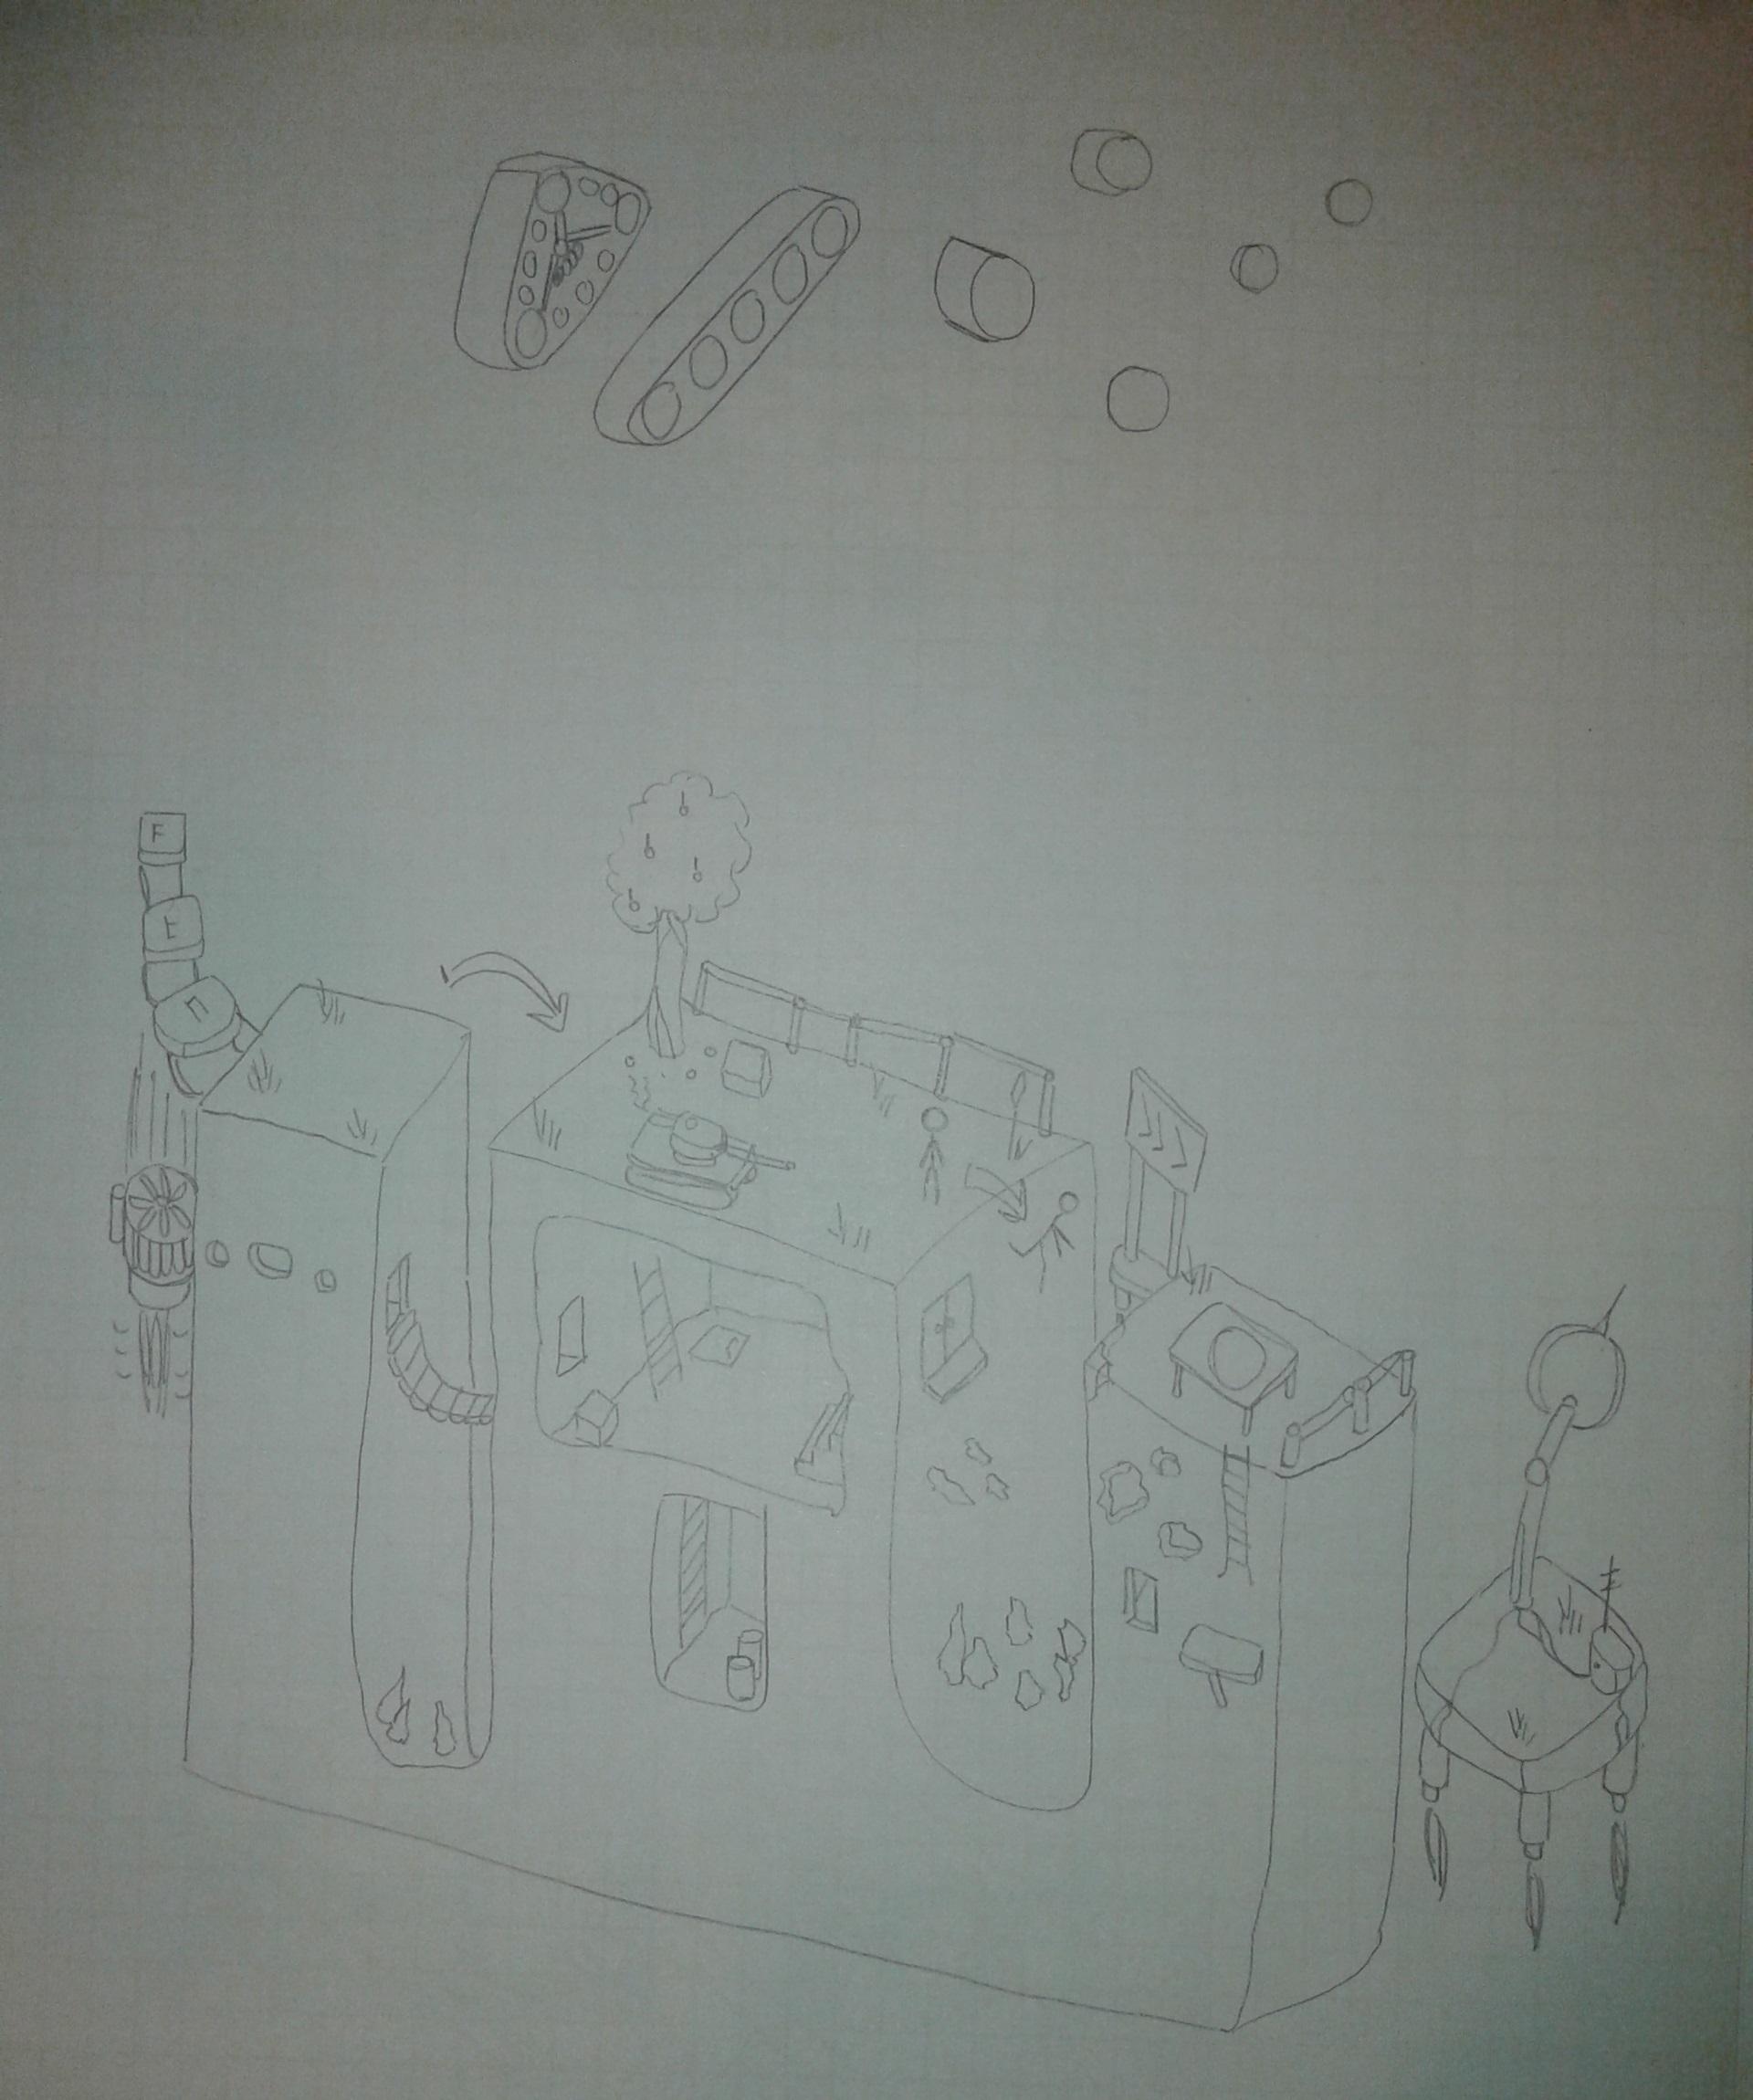 Lousy sketch